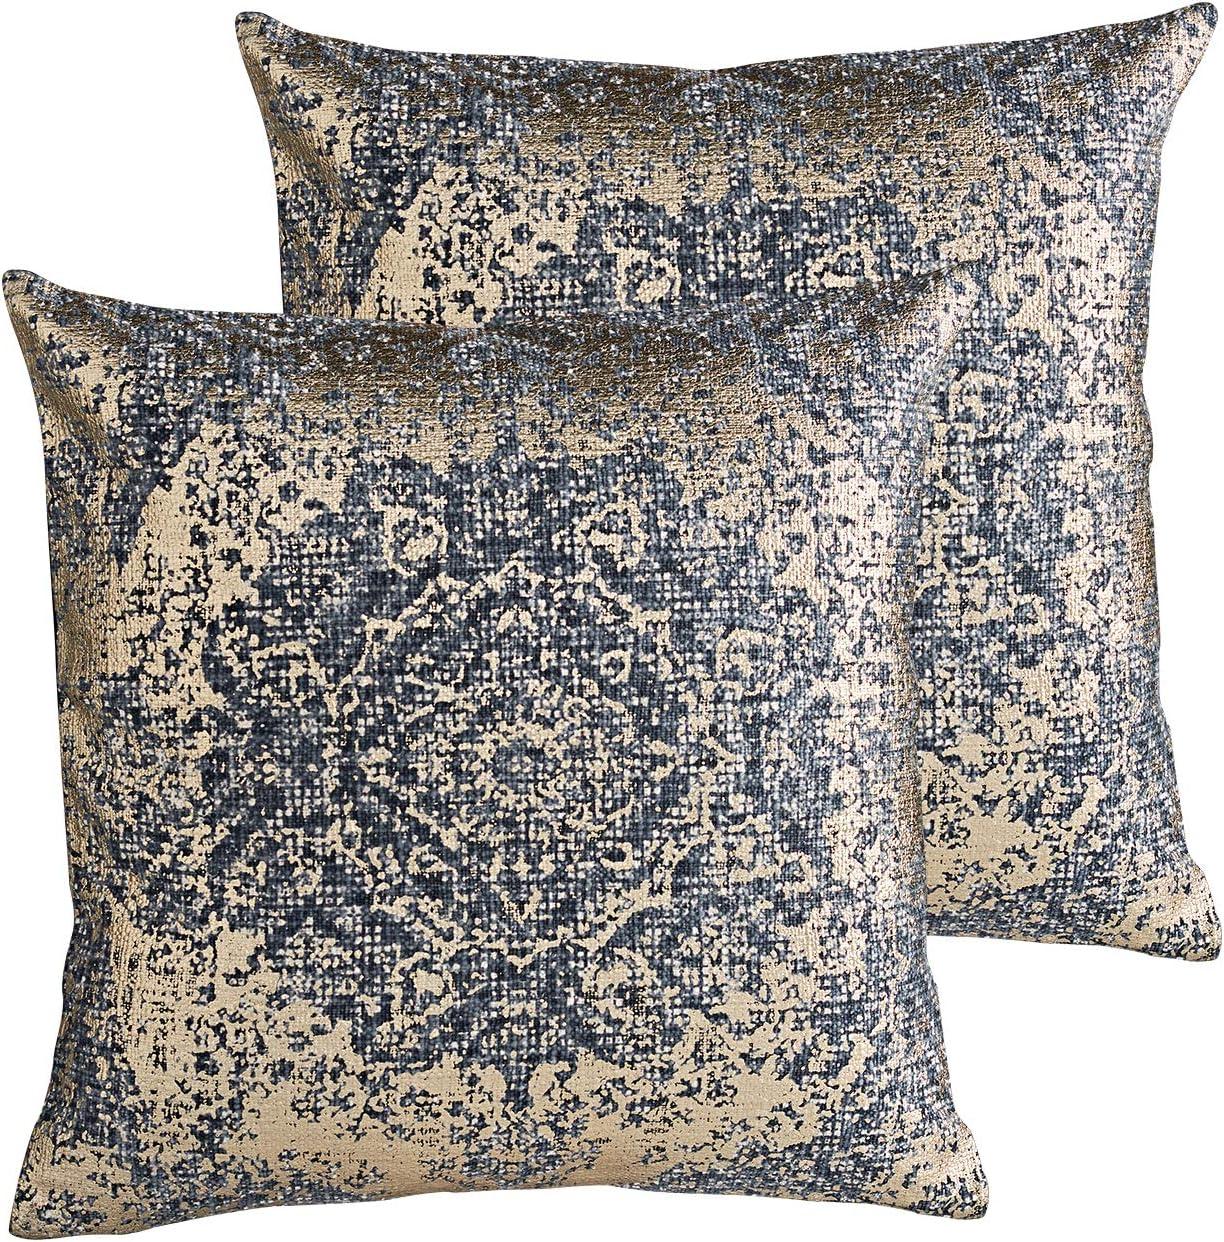 Mo86a Tan Plain Shimmer Velvet Style Cushion Cover//Pillow Case *Custom Size*